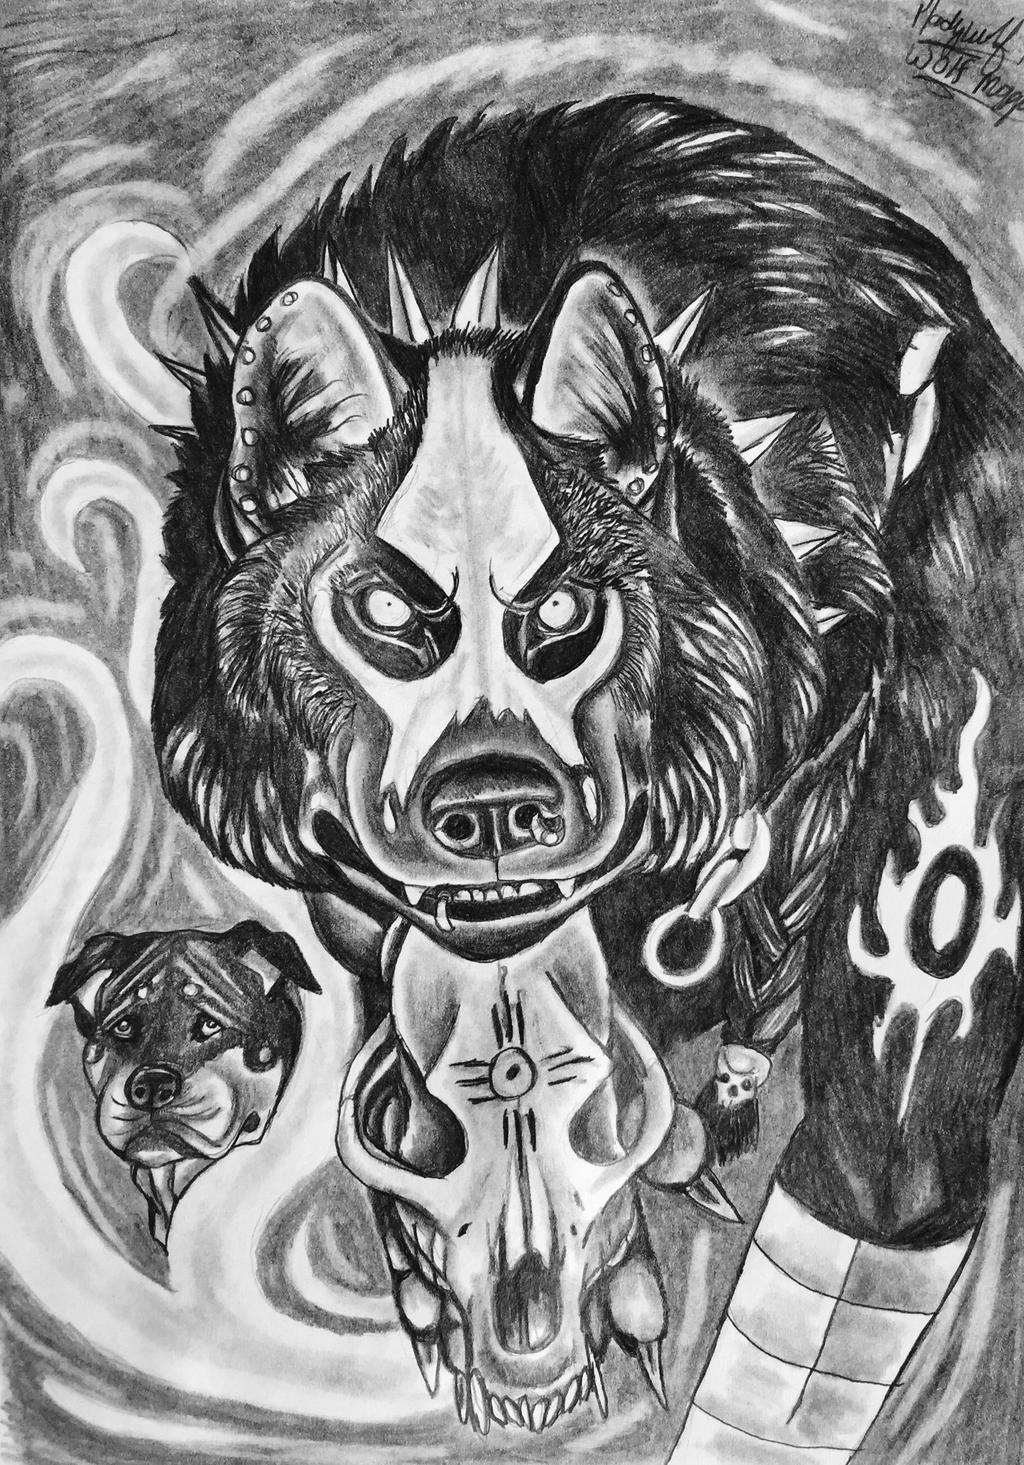 Wolf magic by pladywolf82